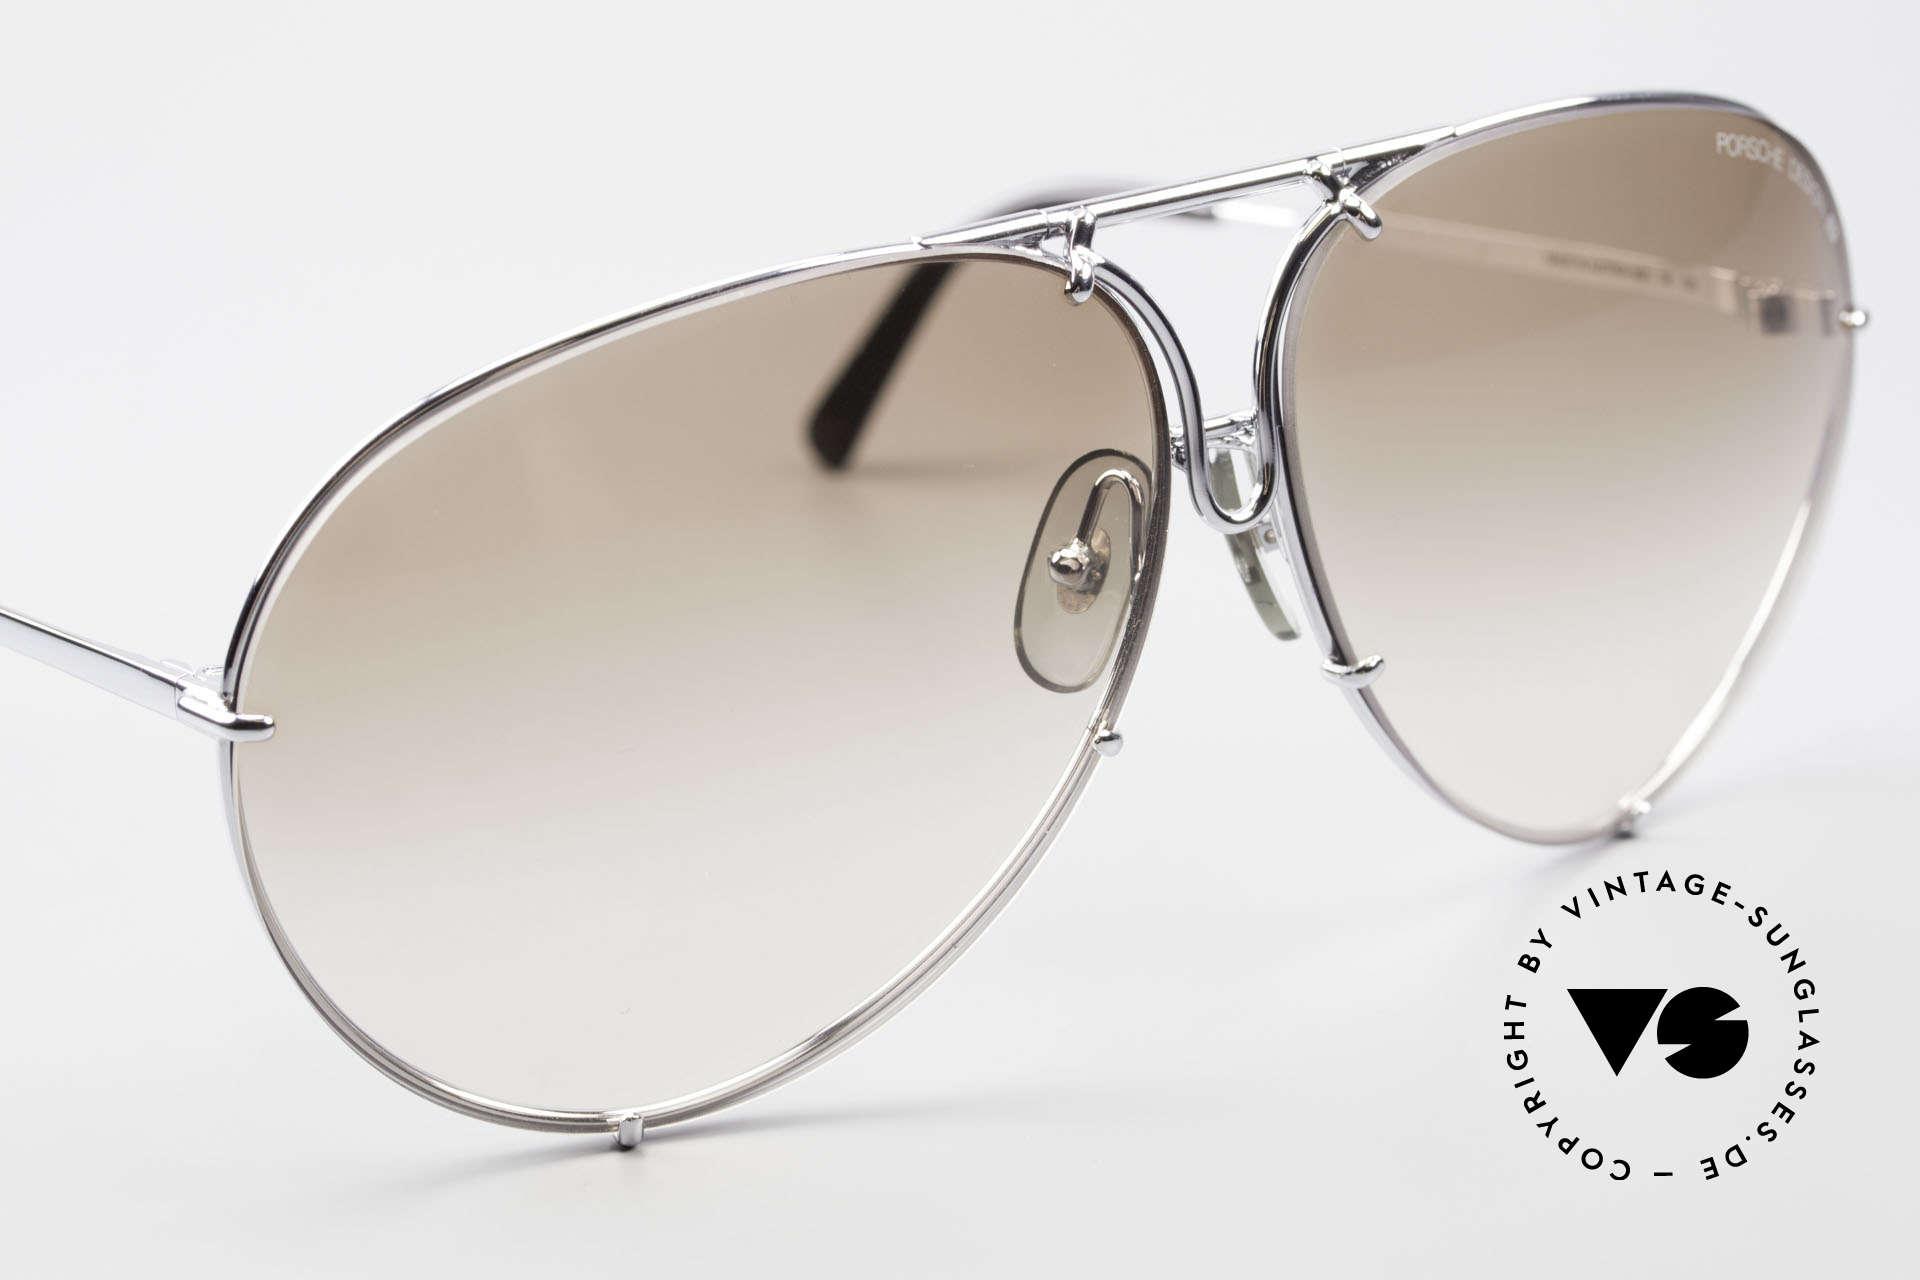 Porsche 5621 80er Brillenklassiker Herren, ungetragene 80er Rarität und KEINE RETRO-Brille!, Passend für Herren